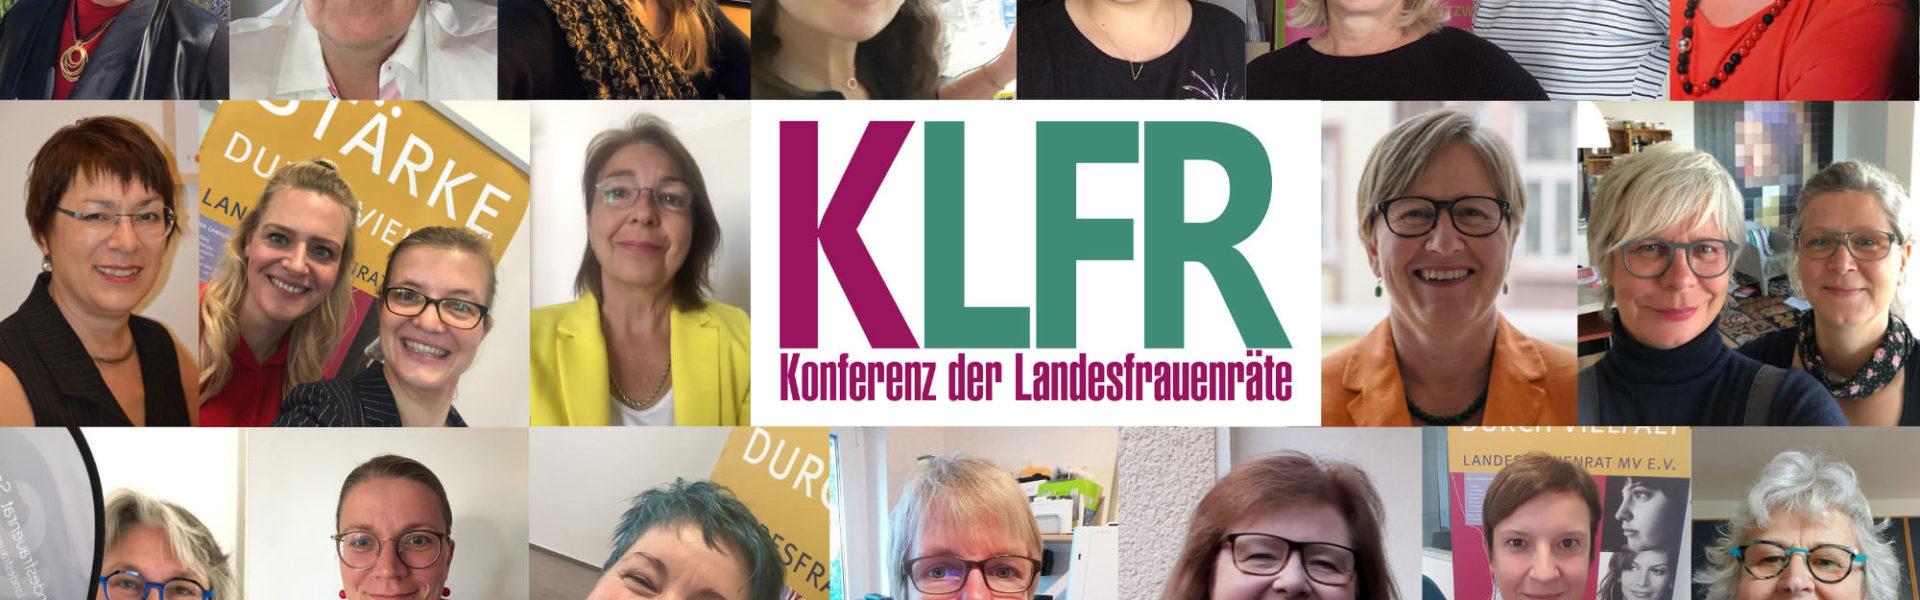 Pressemitteilung der Konferenz der Landesfrauenräte KLFR 2020: Geschlechtergerecht aus der Krise